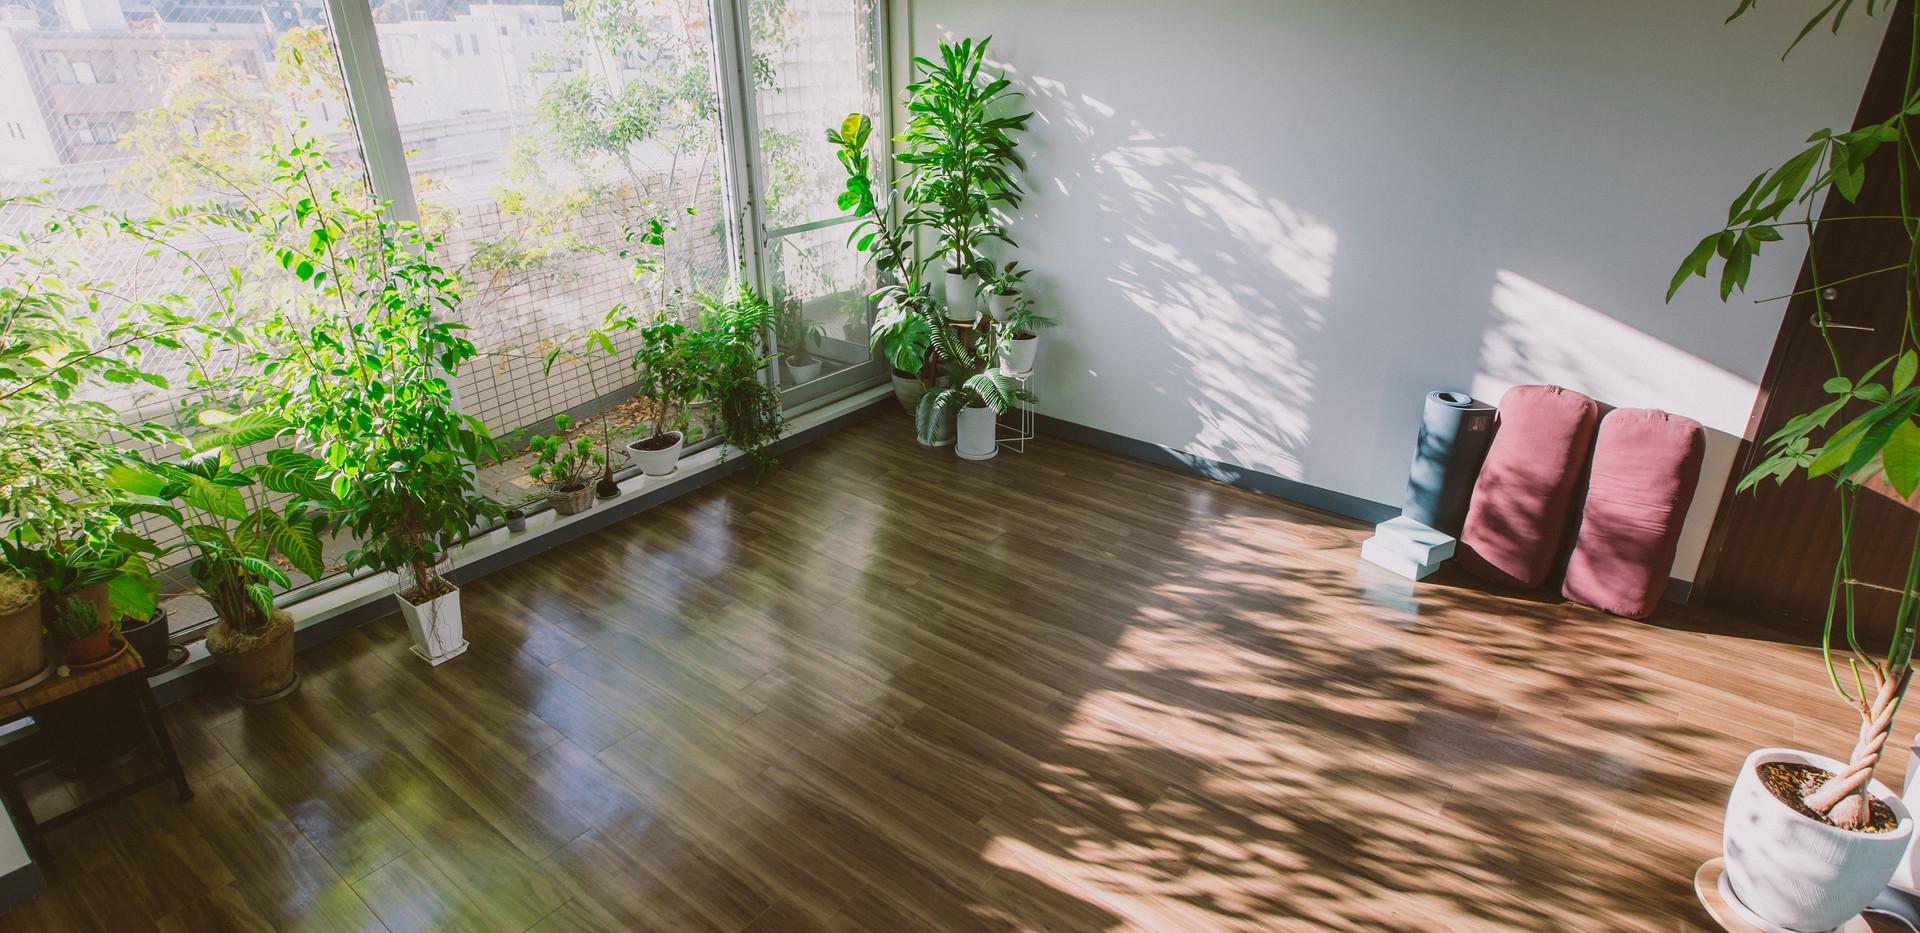 スタジオについて|横浜、元町・中華街にあるヨガスタジオ studio Sahan